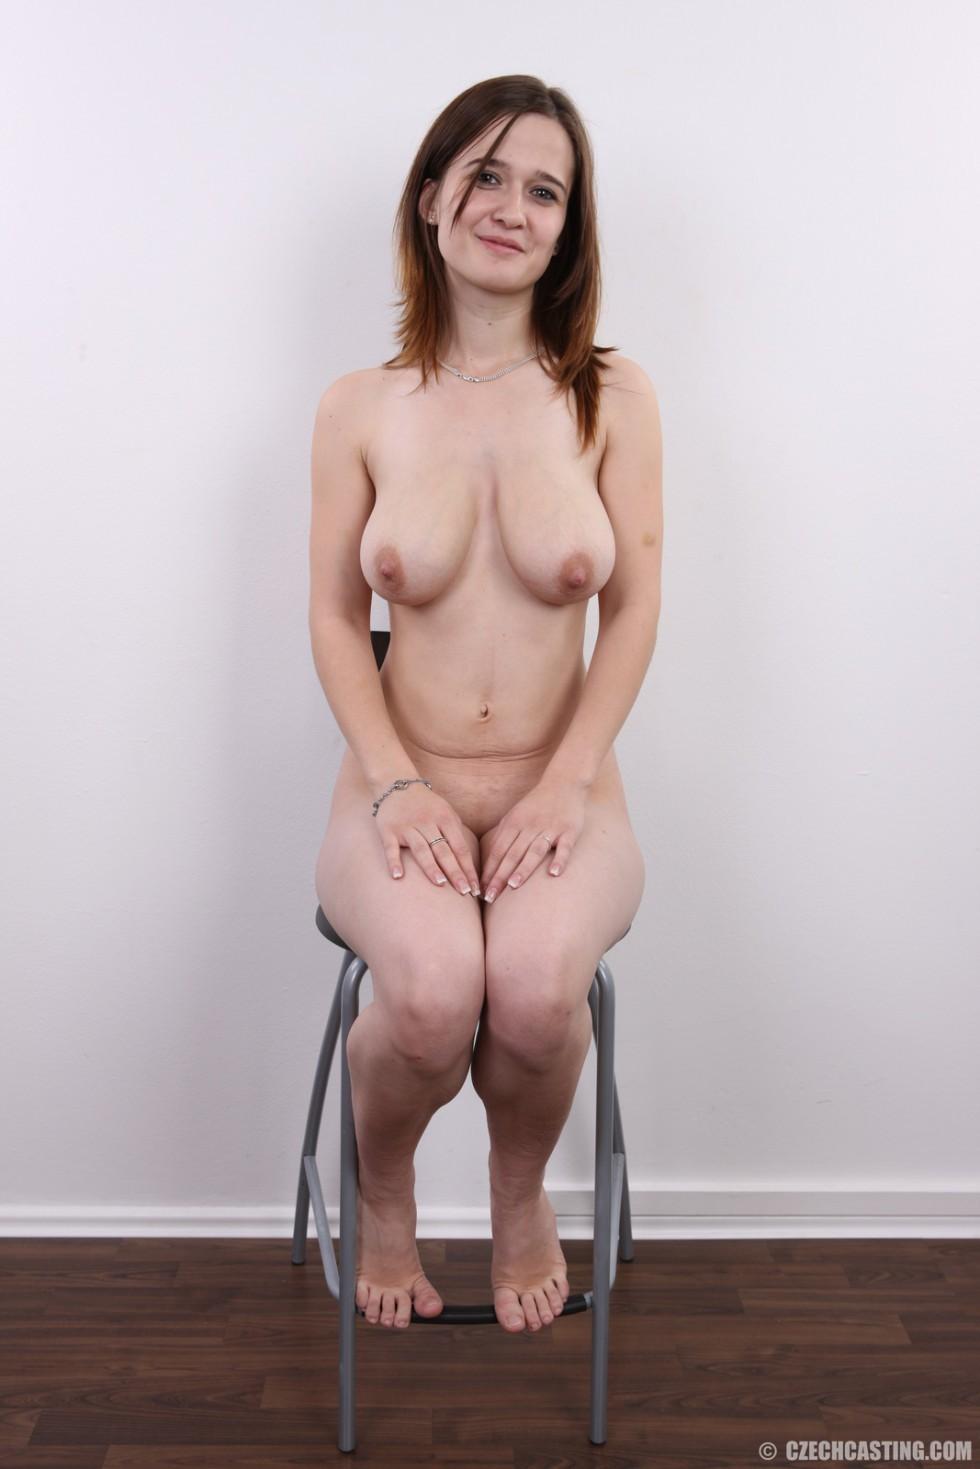 Девушка не знает чего ожидать на такой необычной фото сессии, но ведет себя очень даже мило